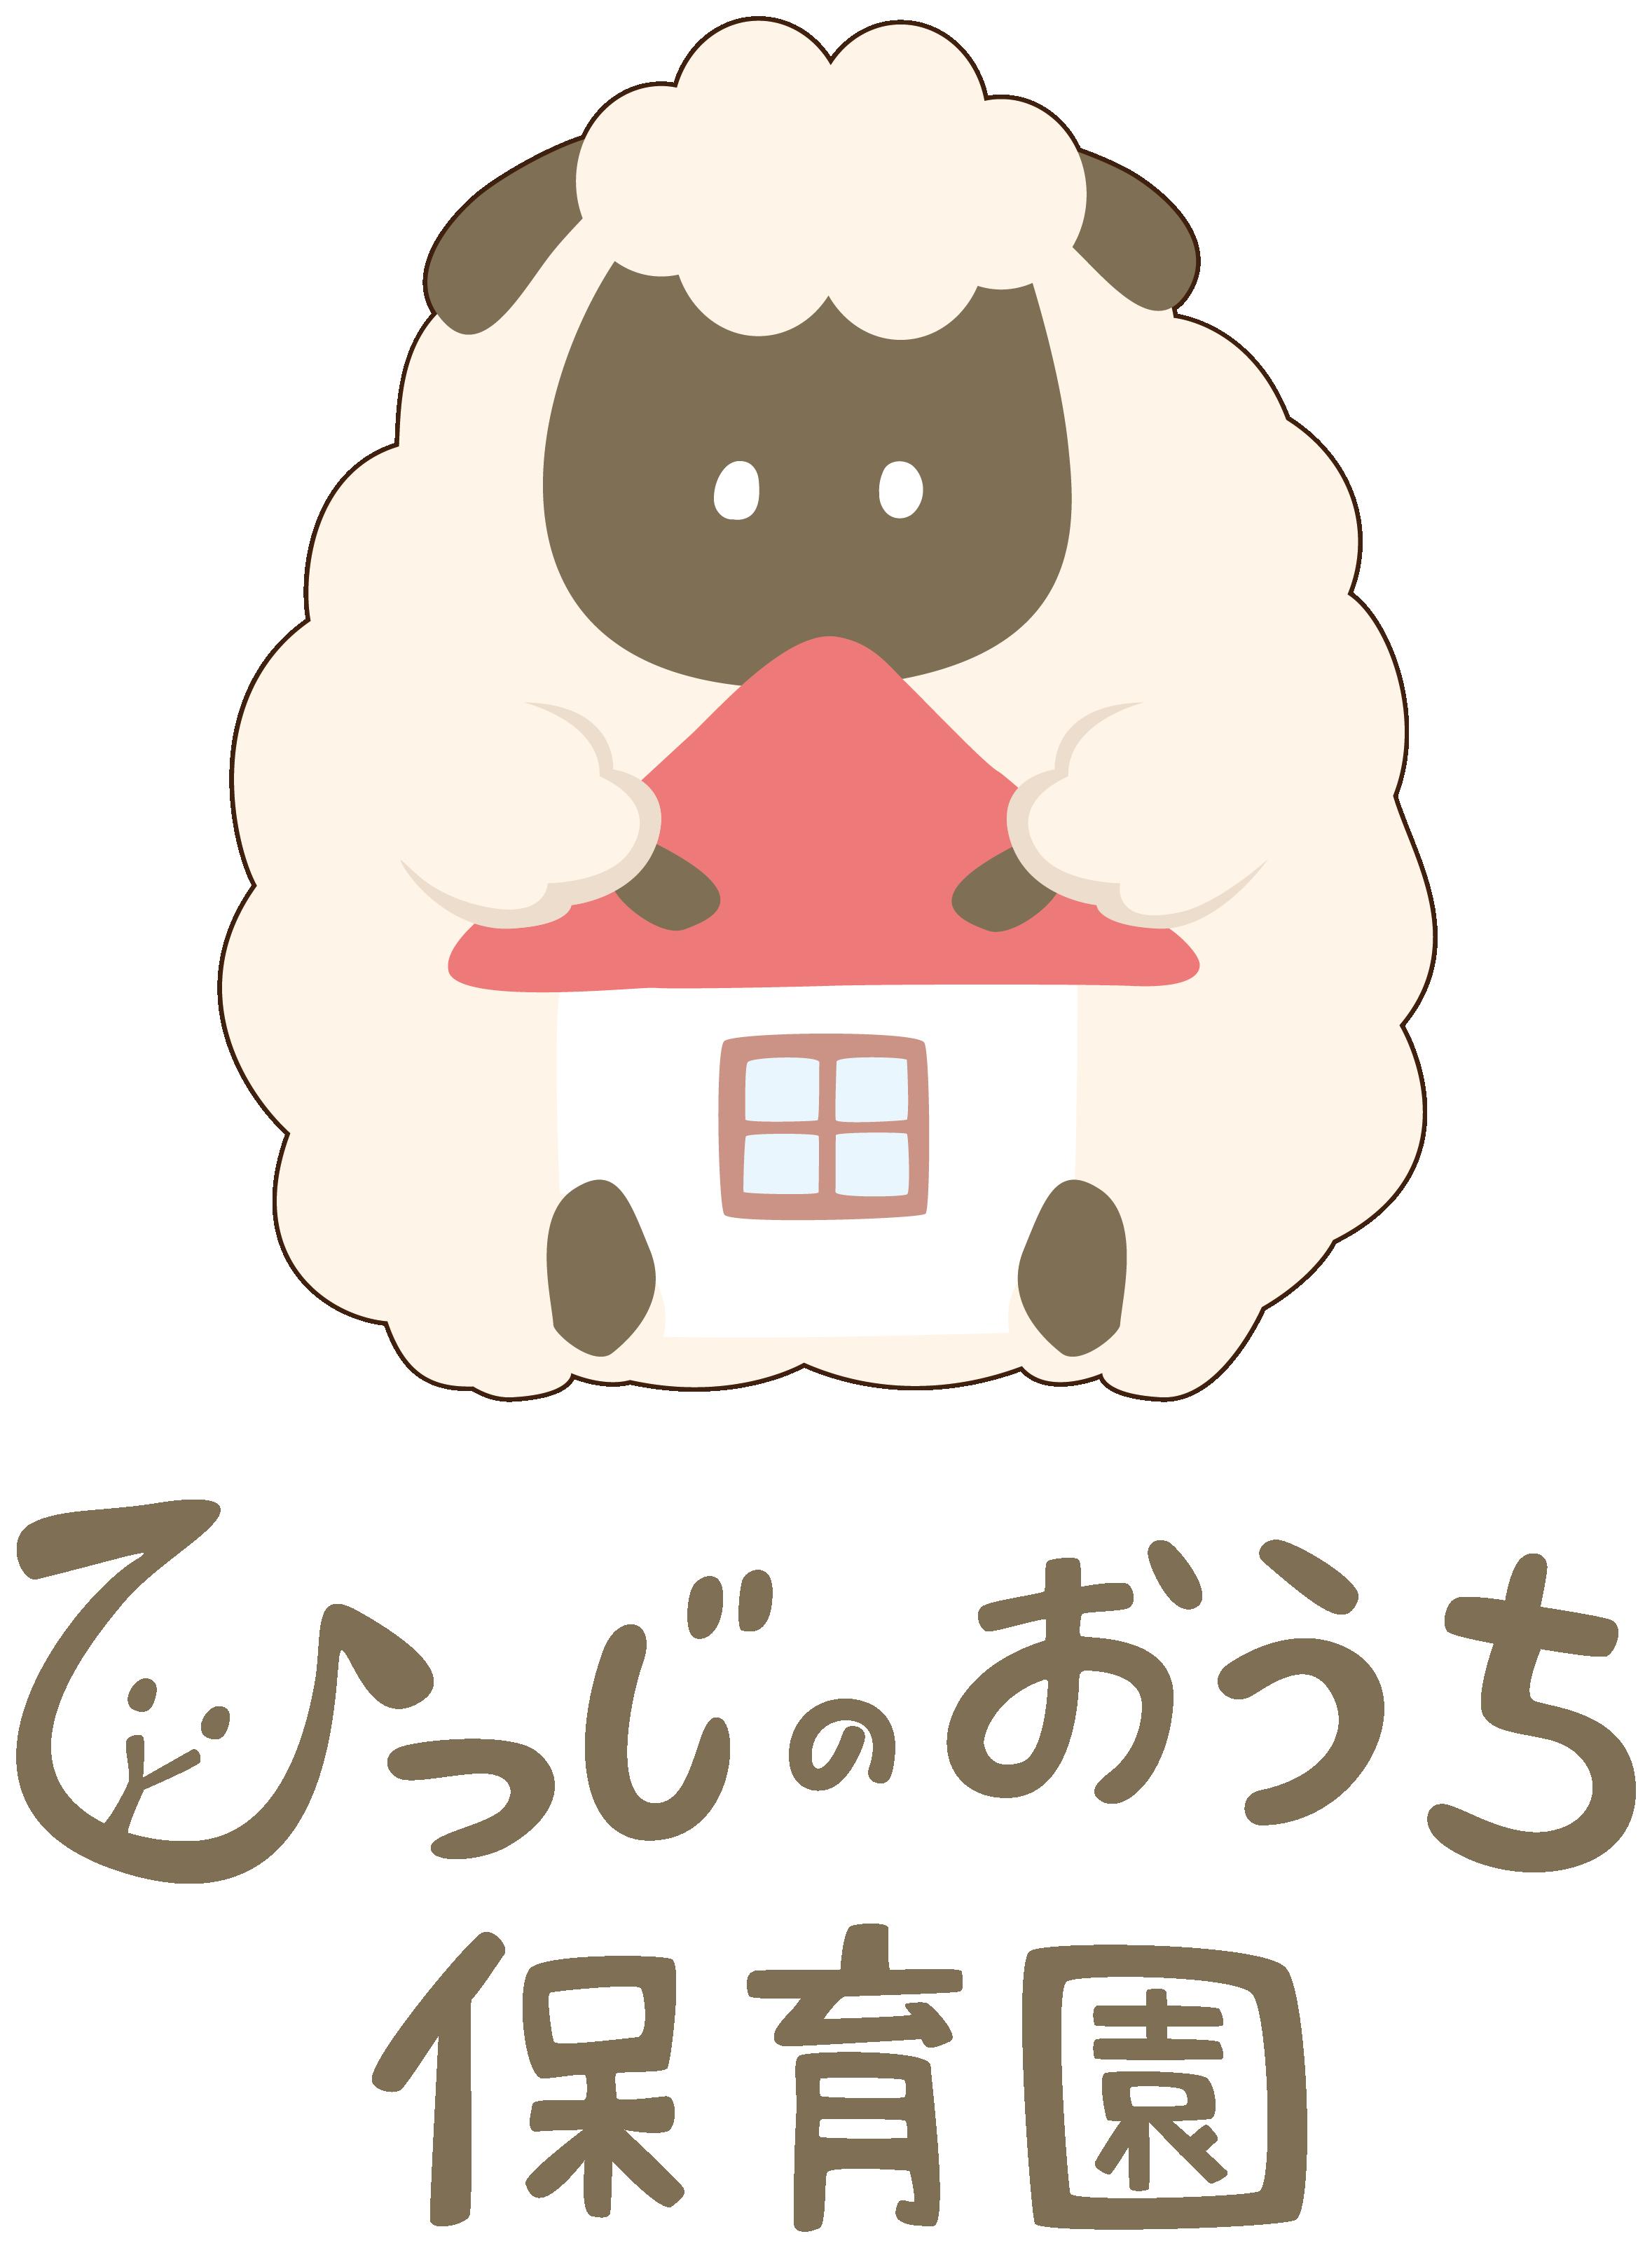 学校/教育/学習塾/レッスン系と親しみ/優しいと茶のロゴ